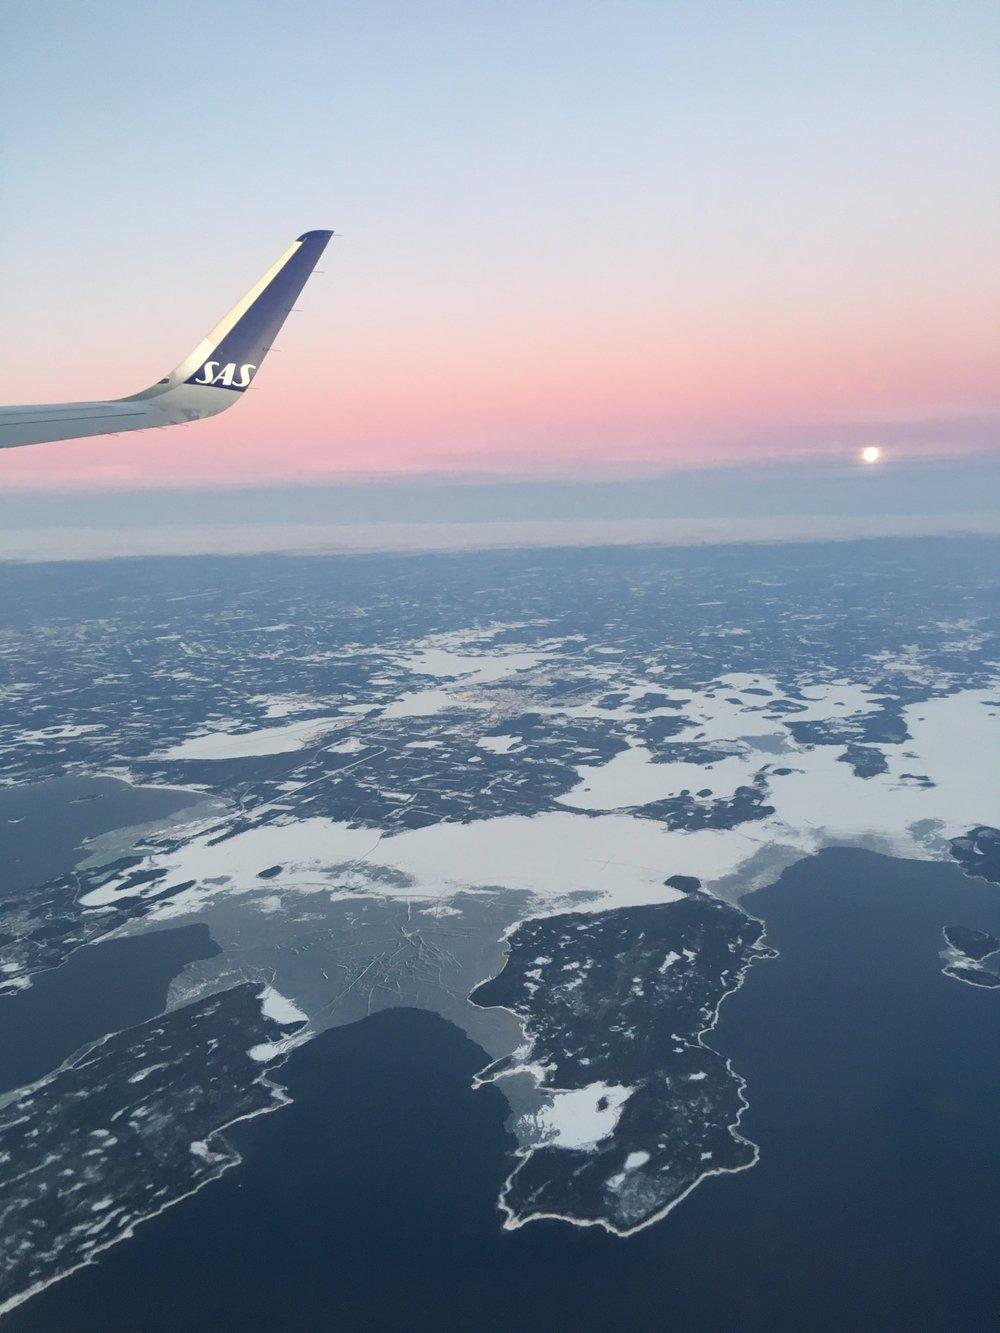 My flight back from Luleå to Malaga / Från planet tillbaka ifrån Luleå till Malaga